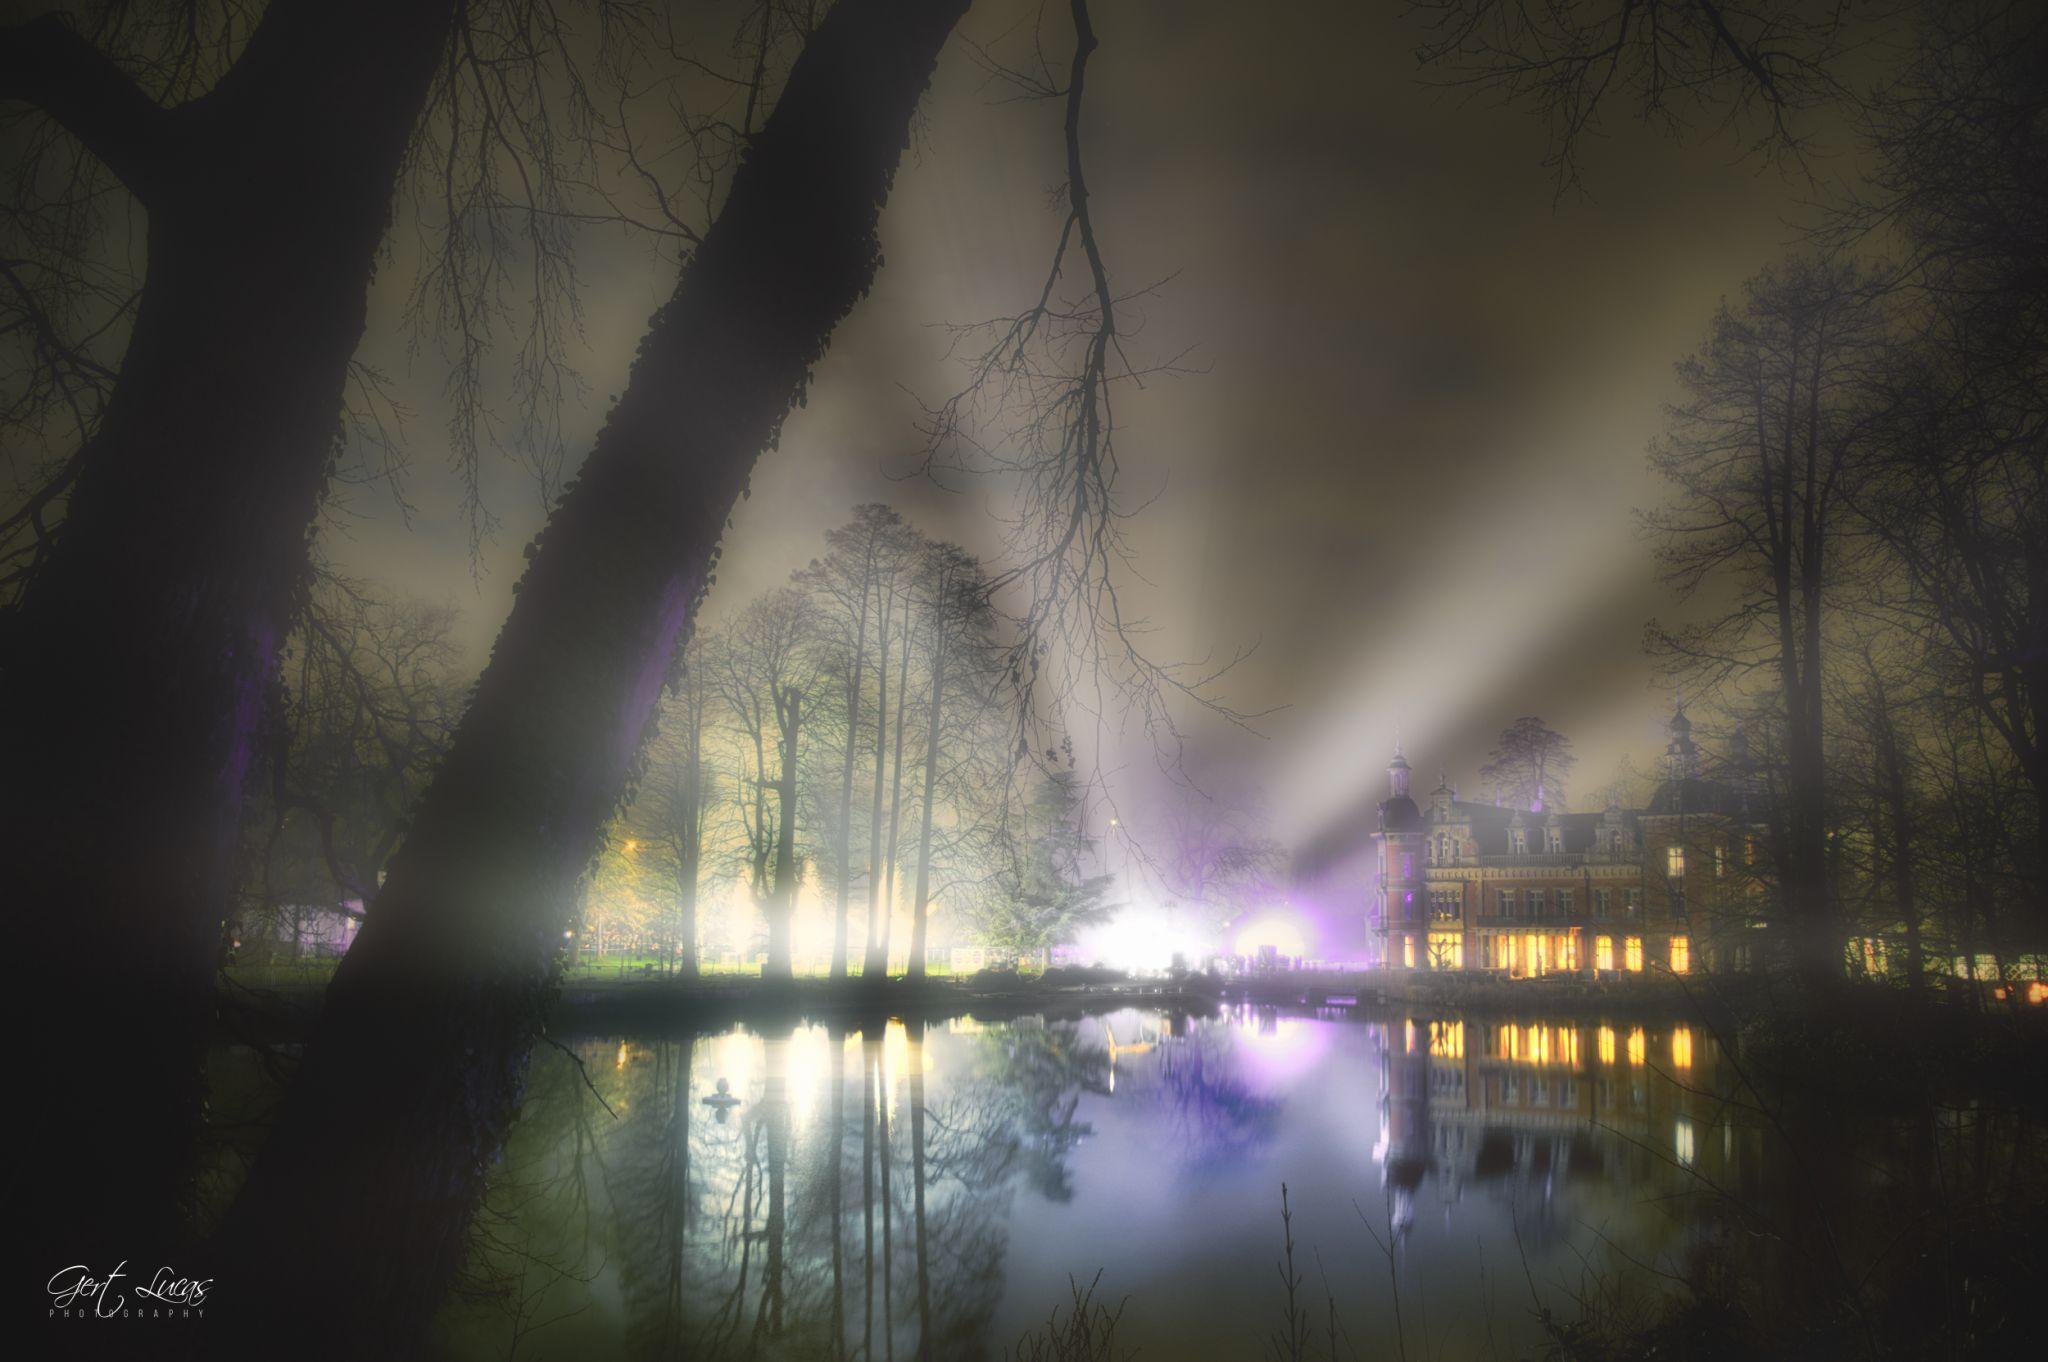 Provincial gardens Huizingen, Belgium